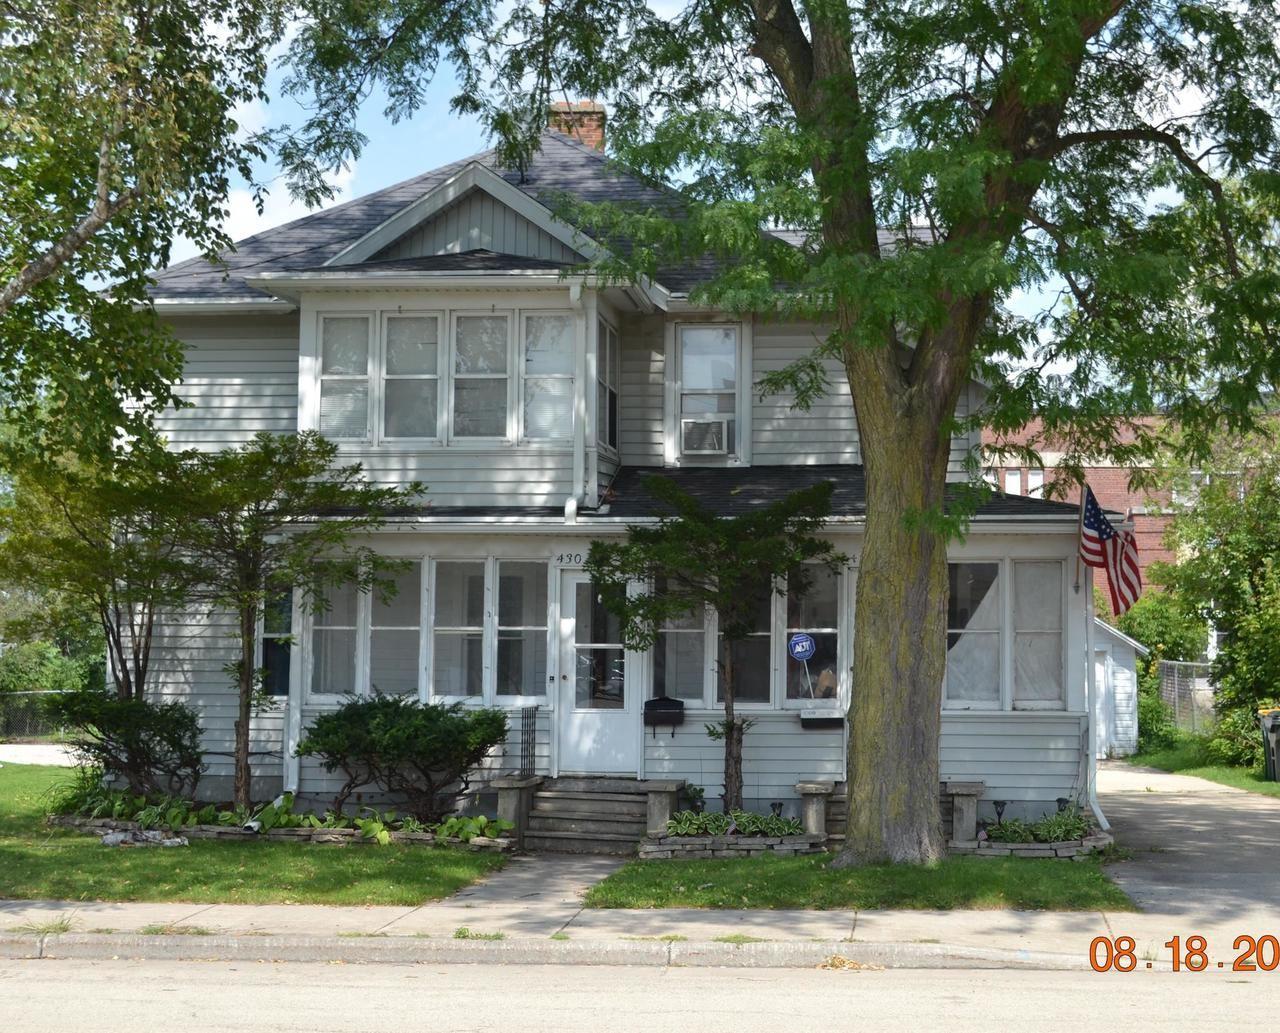 430 E Franklin St, Waupun, WI 53963 - MLS#: 1918802